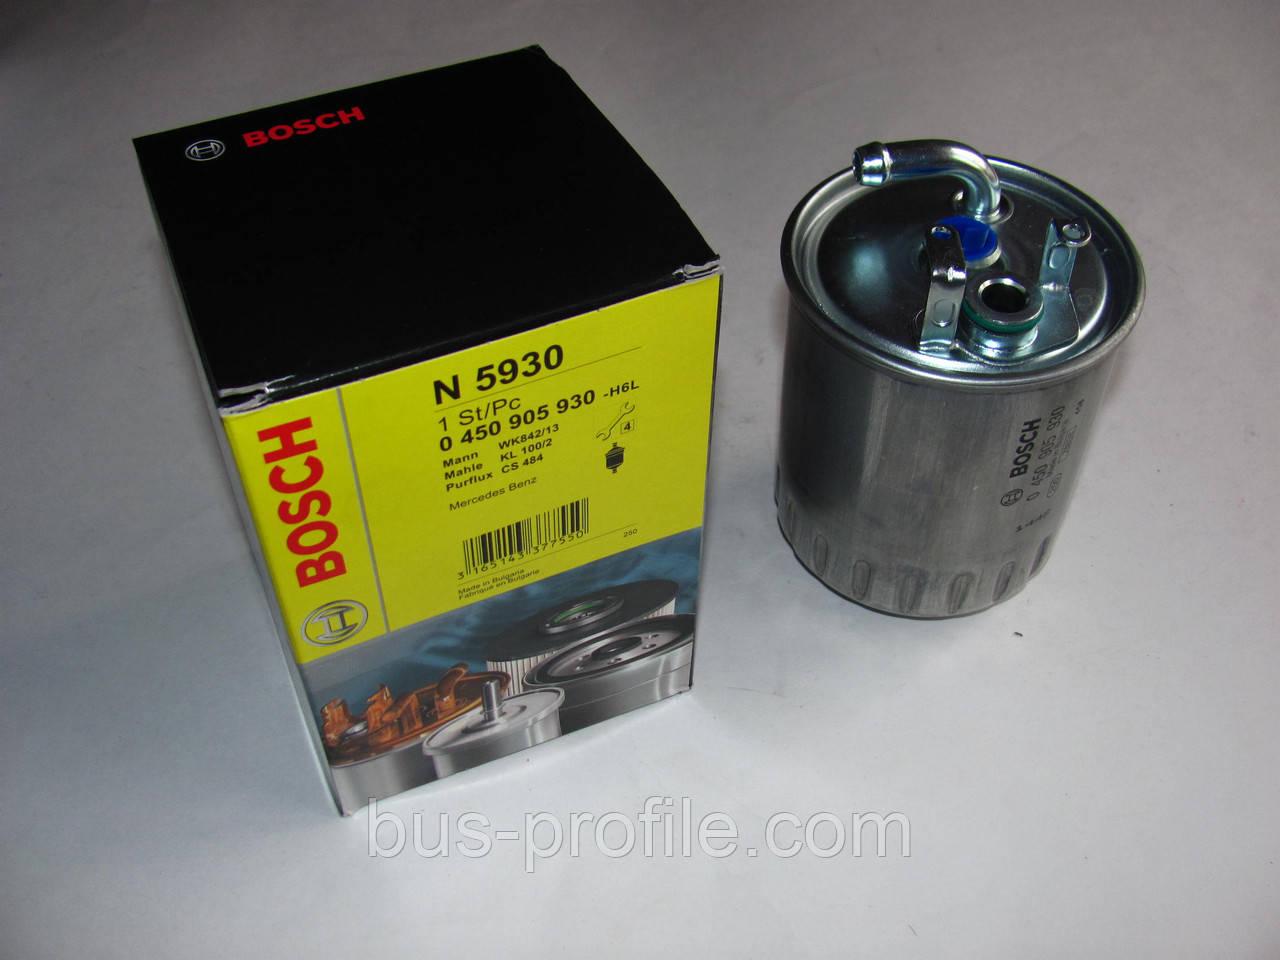 Топливный фильтр на MB Sprinter/Vito CDI OM611/612 2000-2006 — Bosch — 0450905930